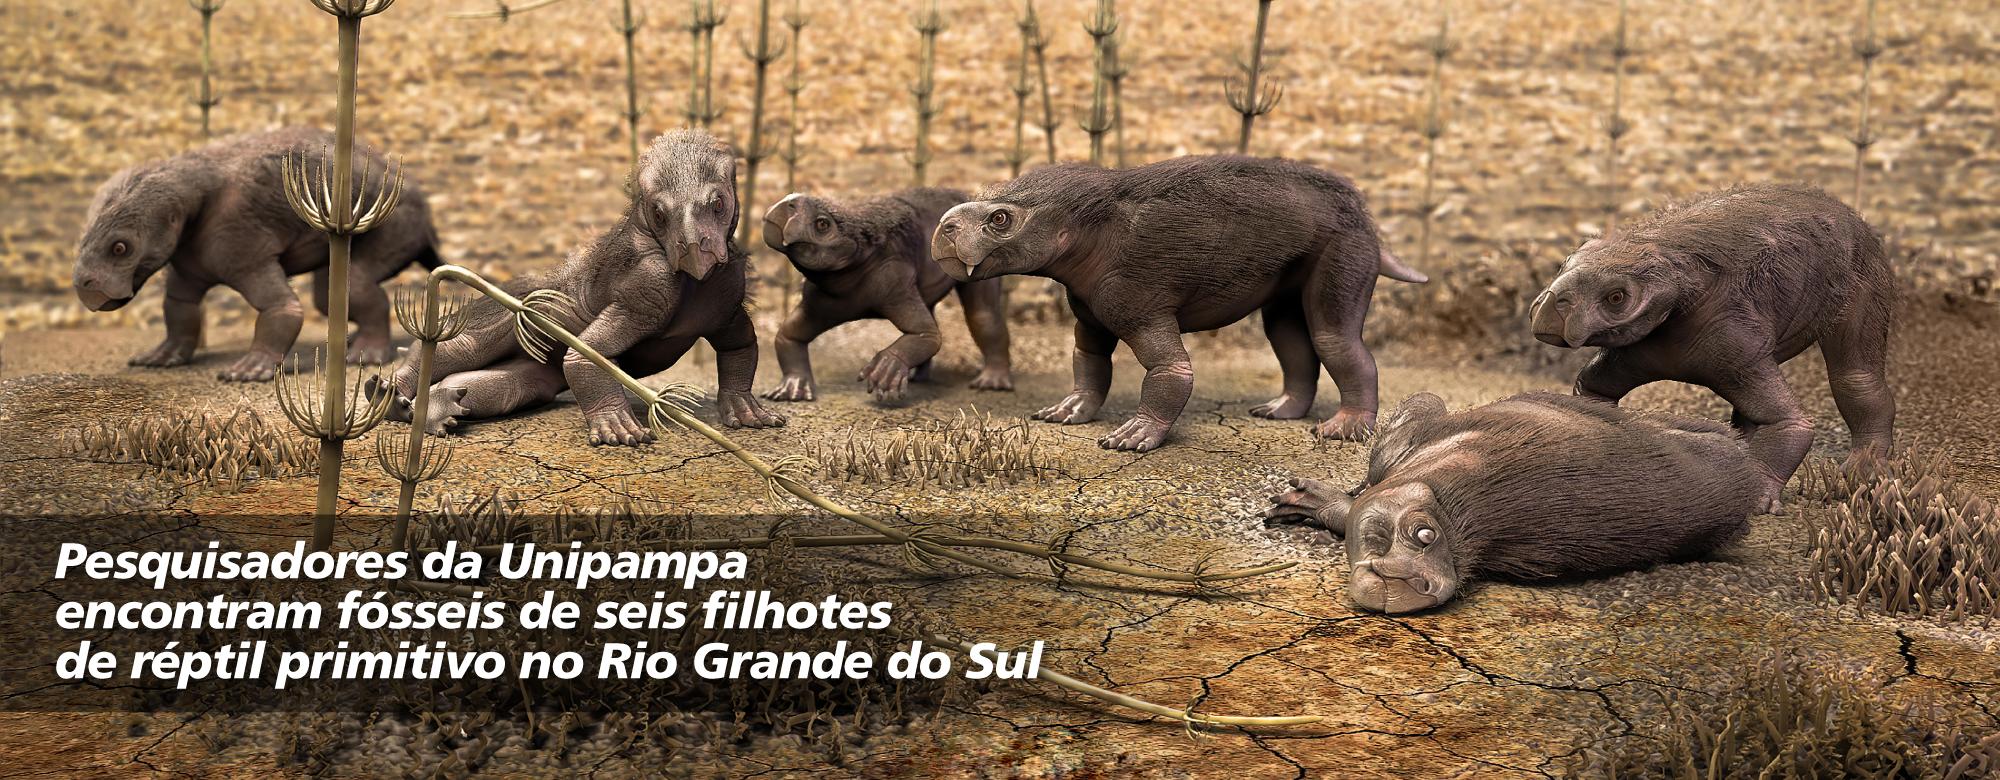 Reconstrução dos animais em vida por Márcio Castro